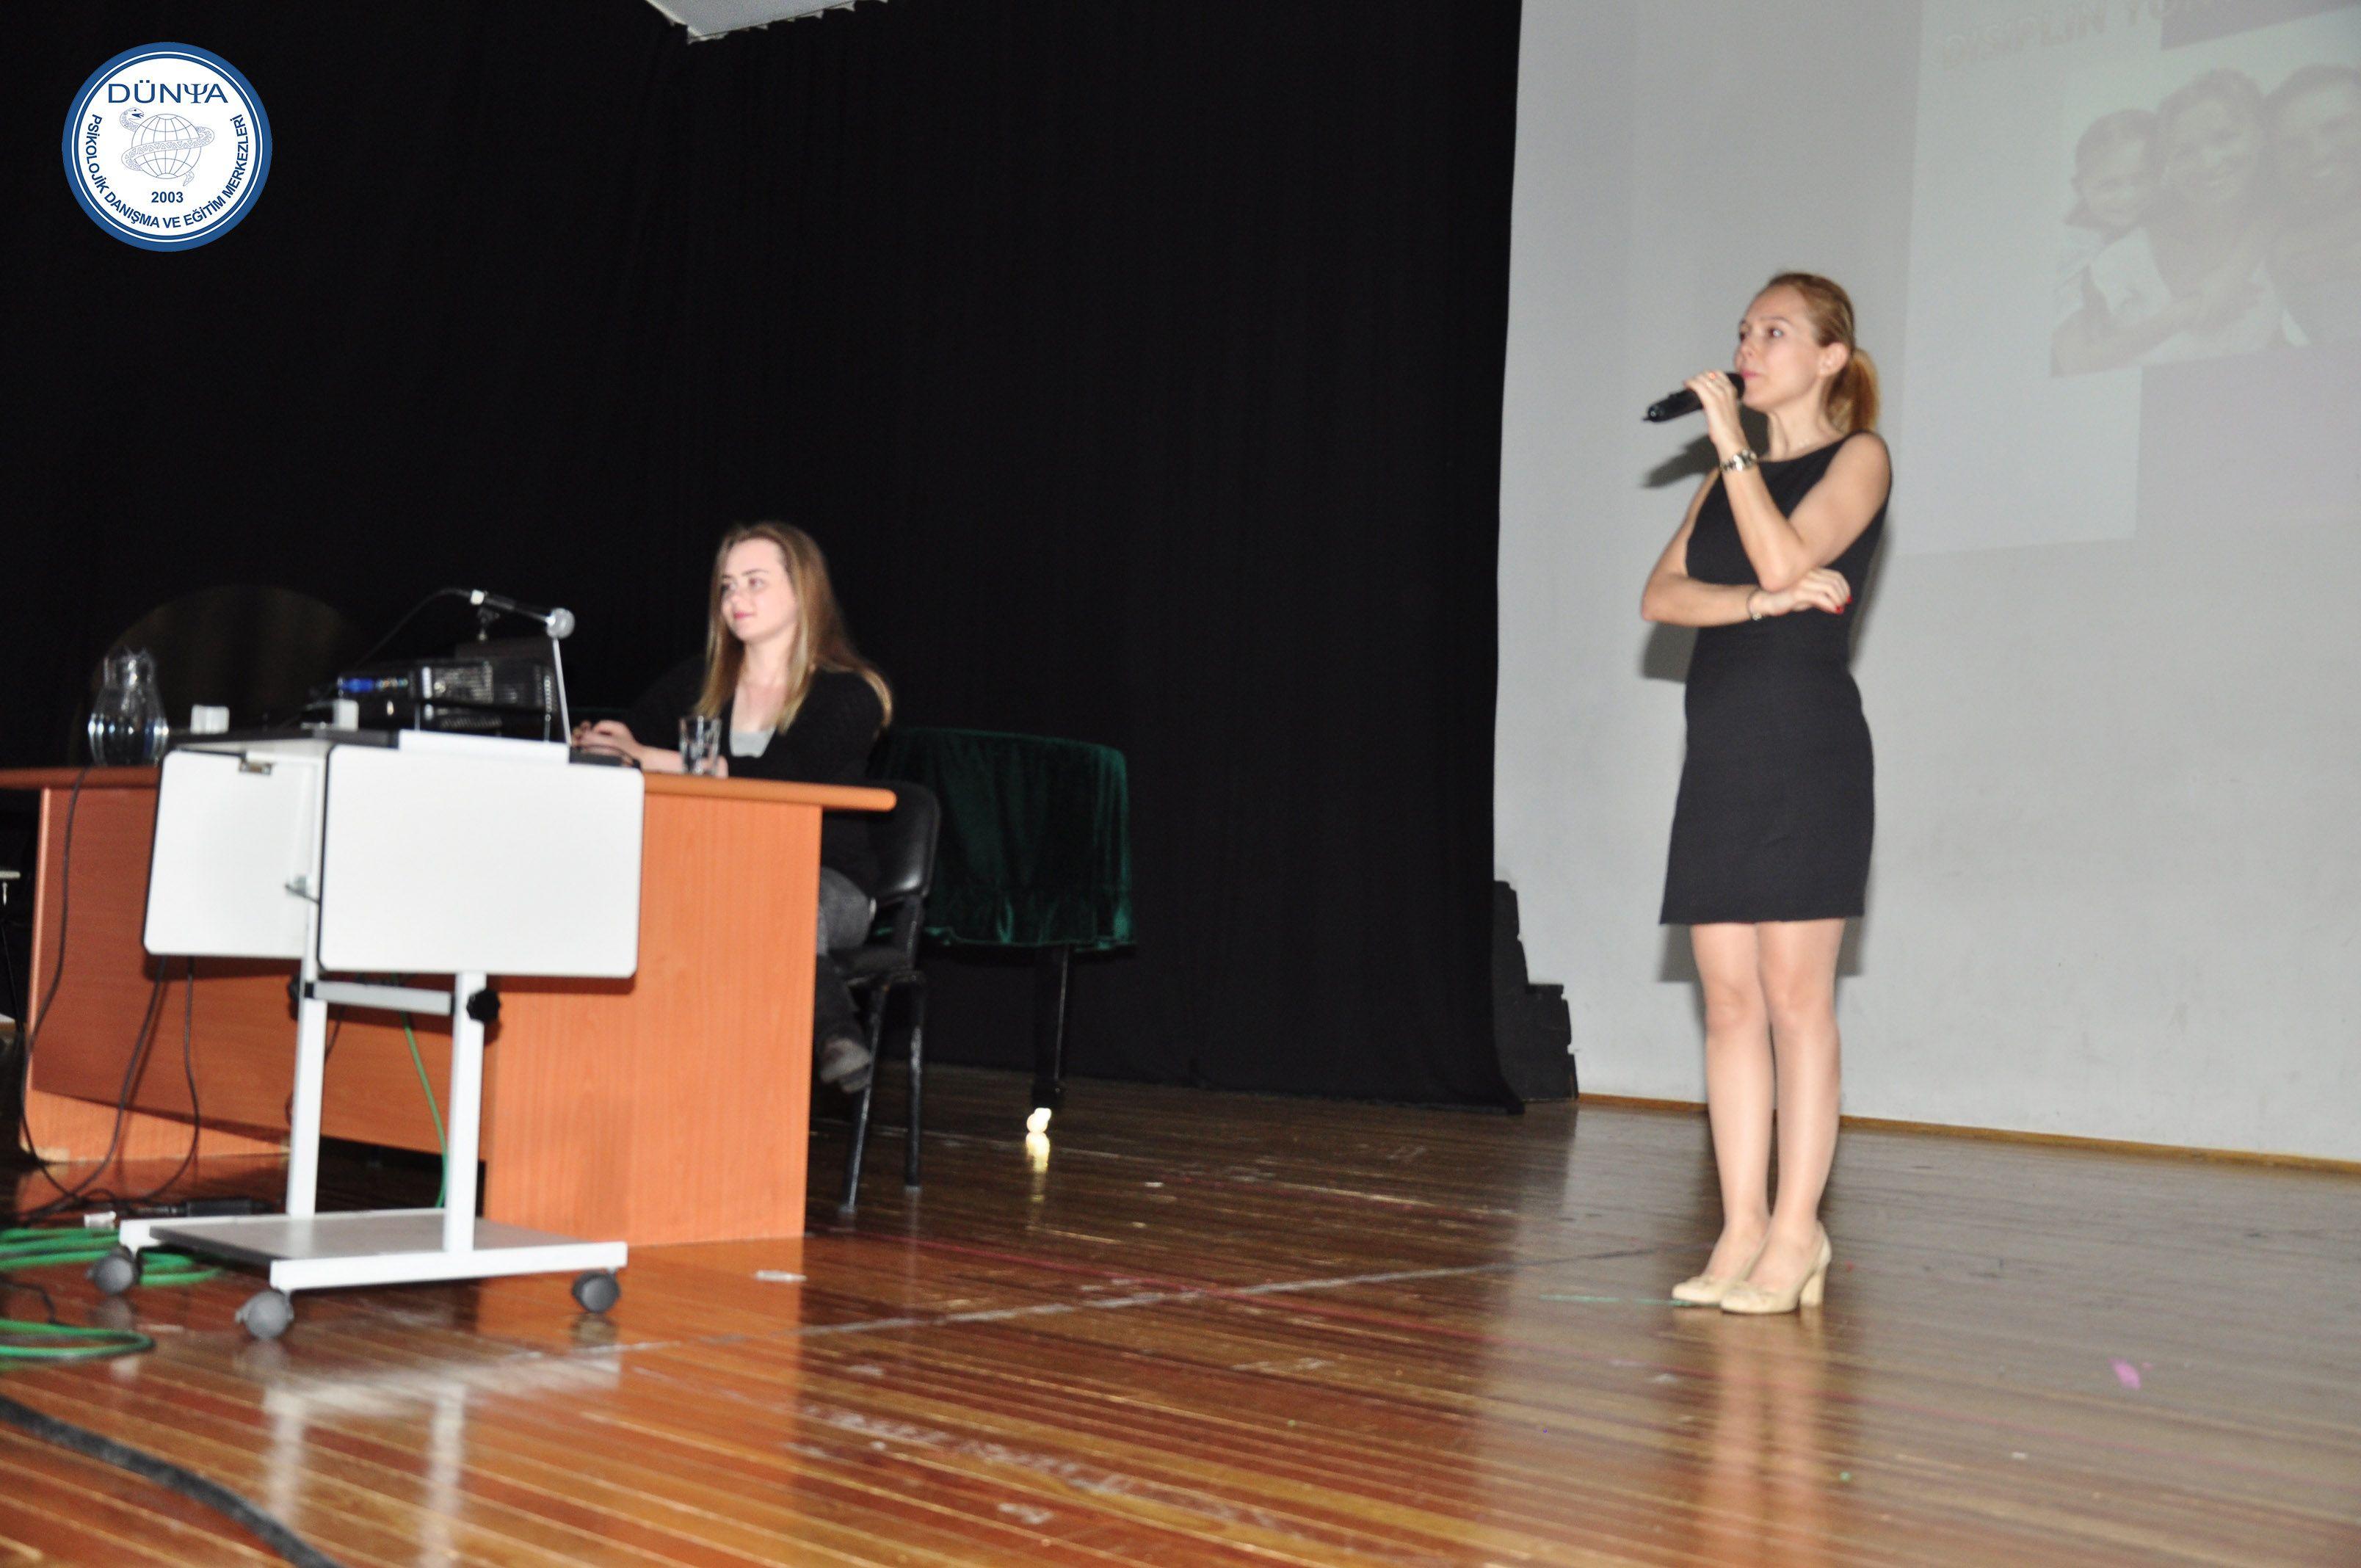 Uzm. Psk. Şebnem Türkdalı Temizocak İzmir Özel Türk Koleji ...